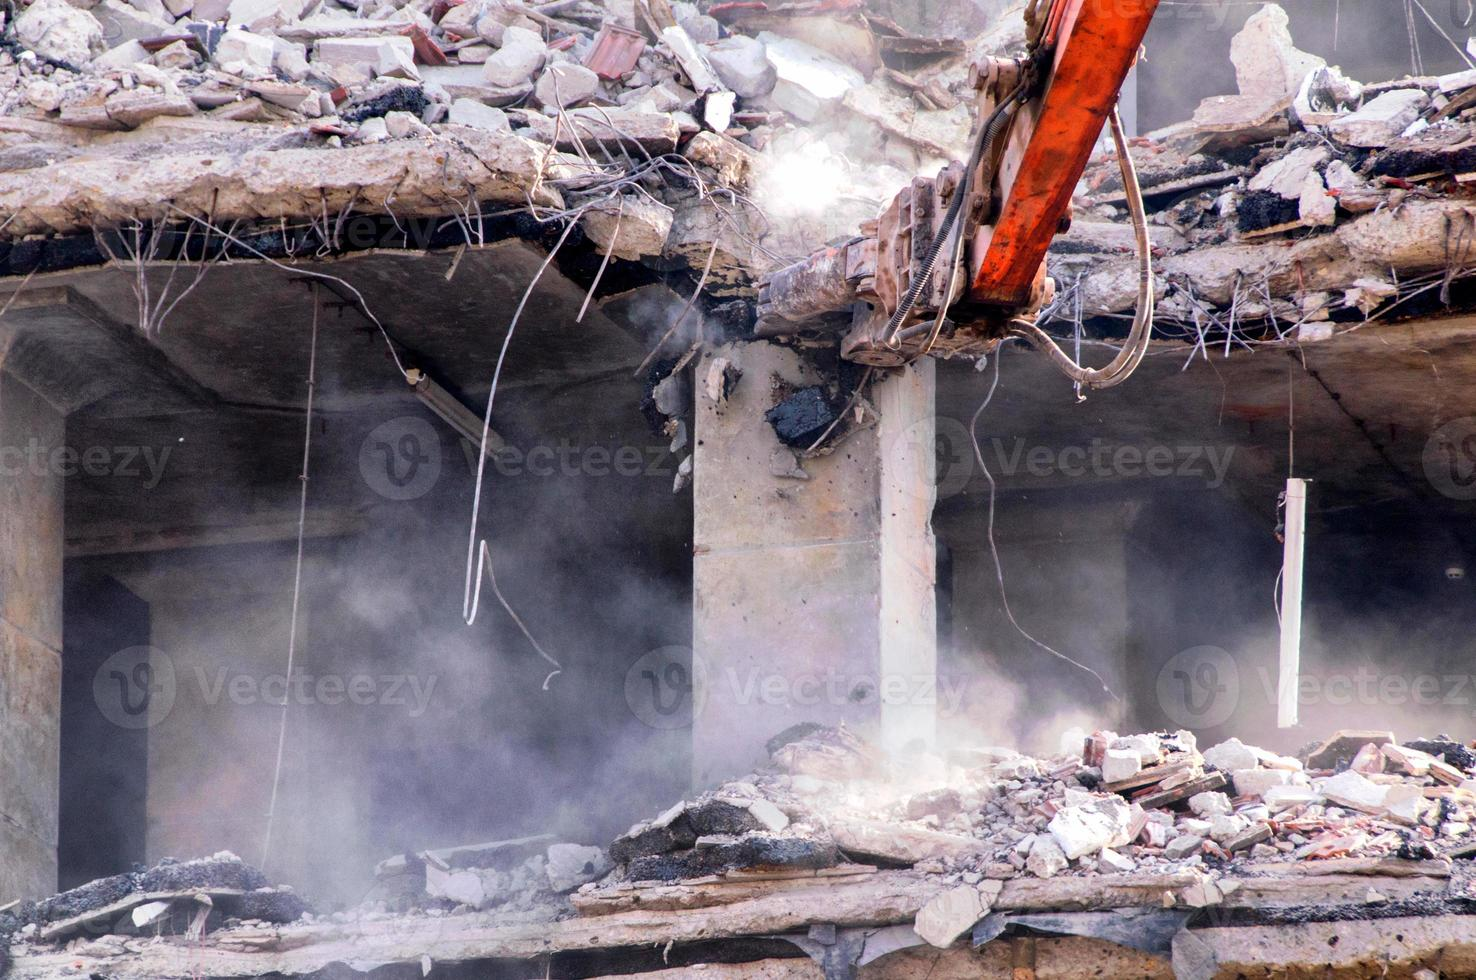 démolition de bâtiments en milieu urbain photo